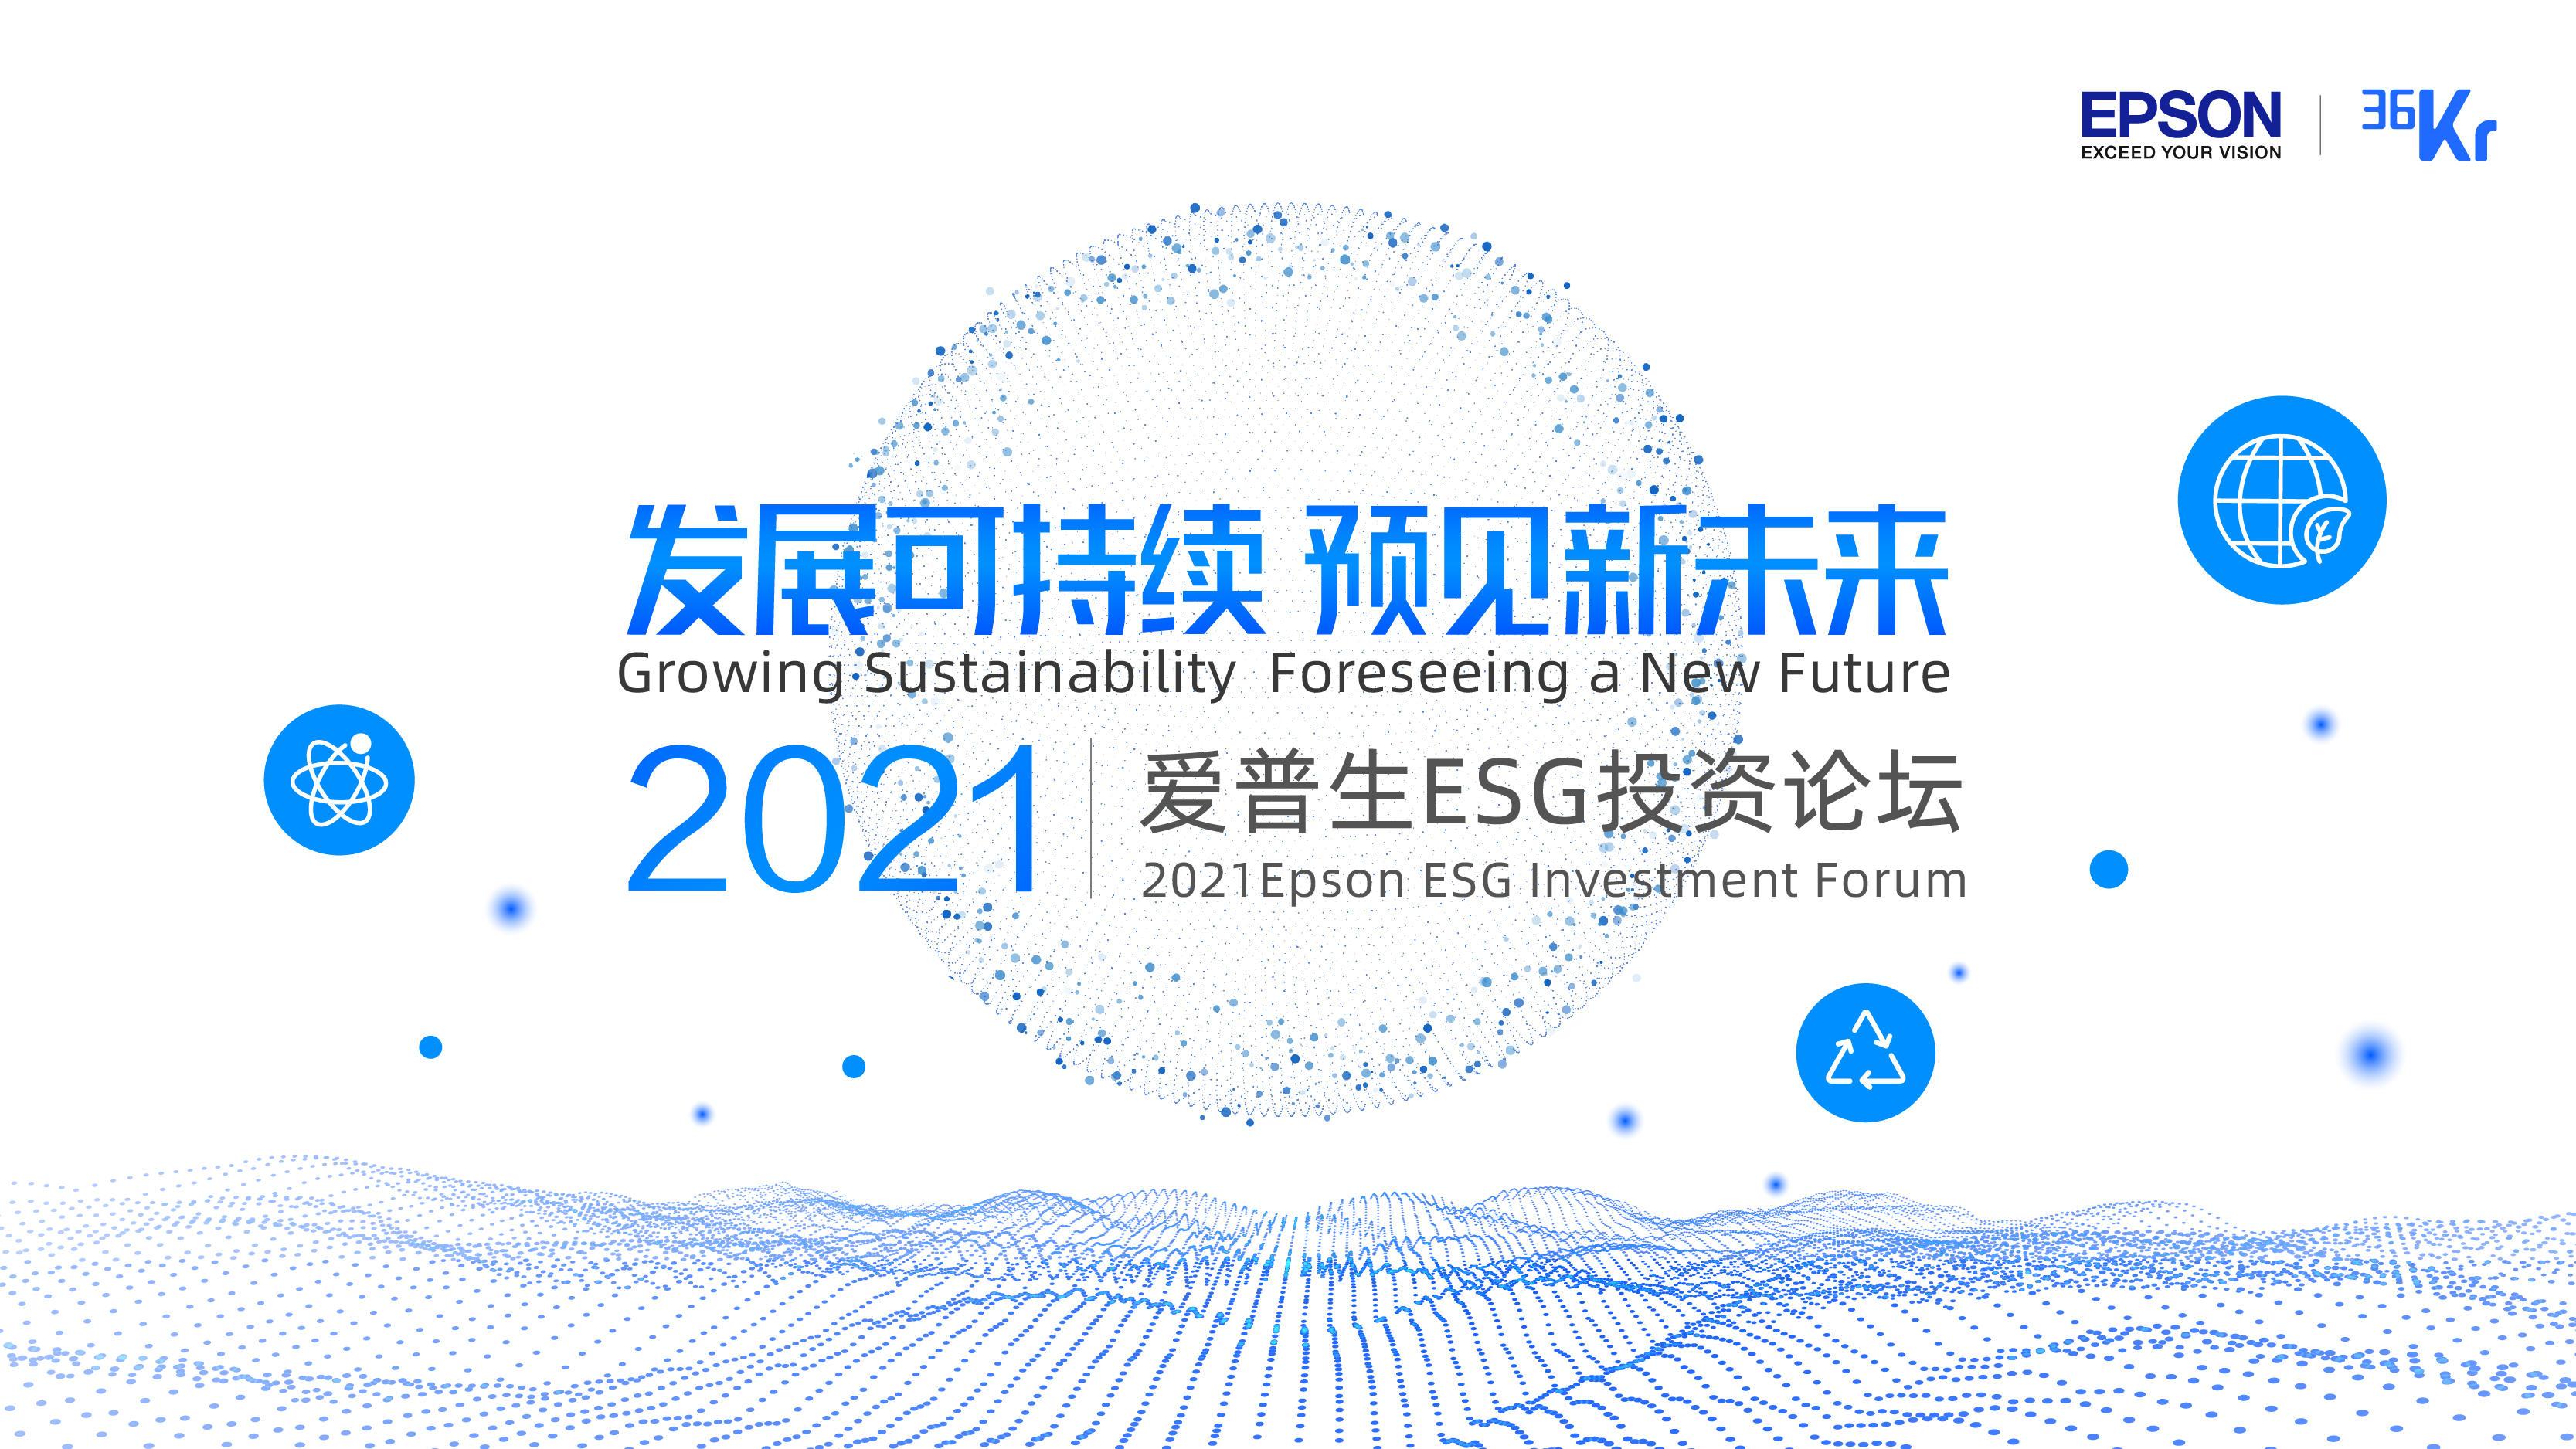 基于ESG协同发展,精工爱普生开启掘金中国的大航海时代